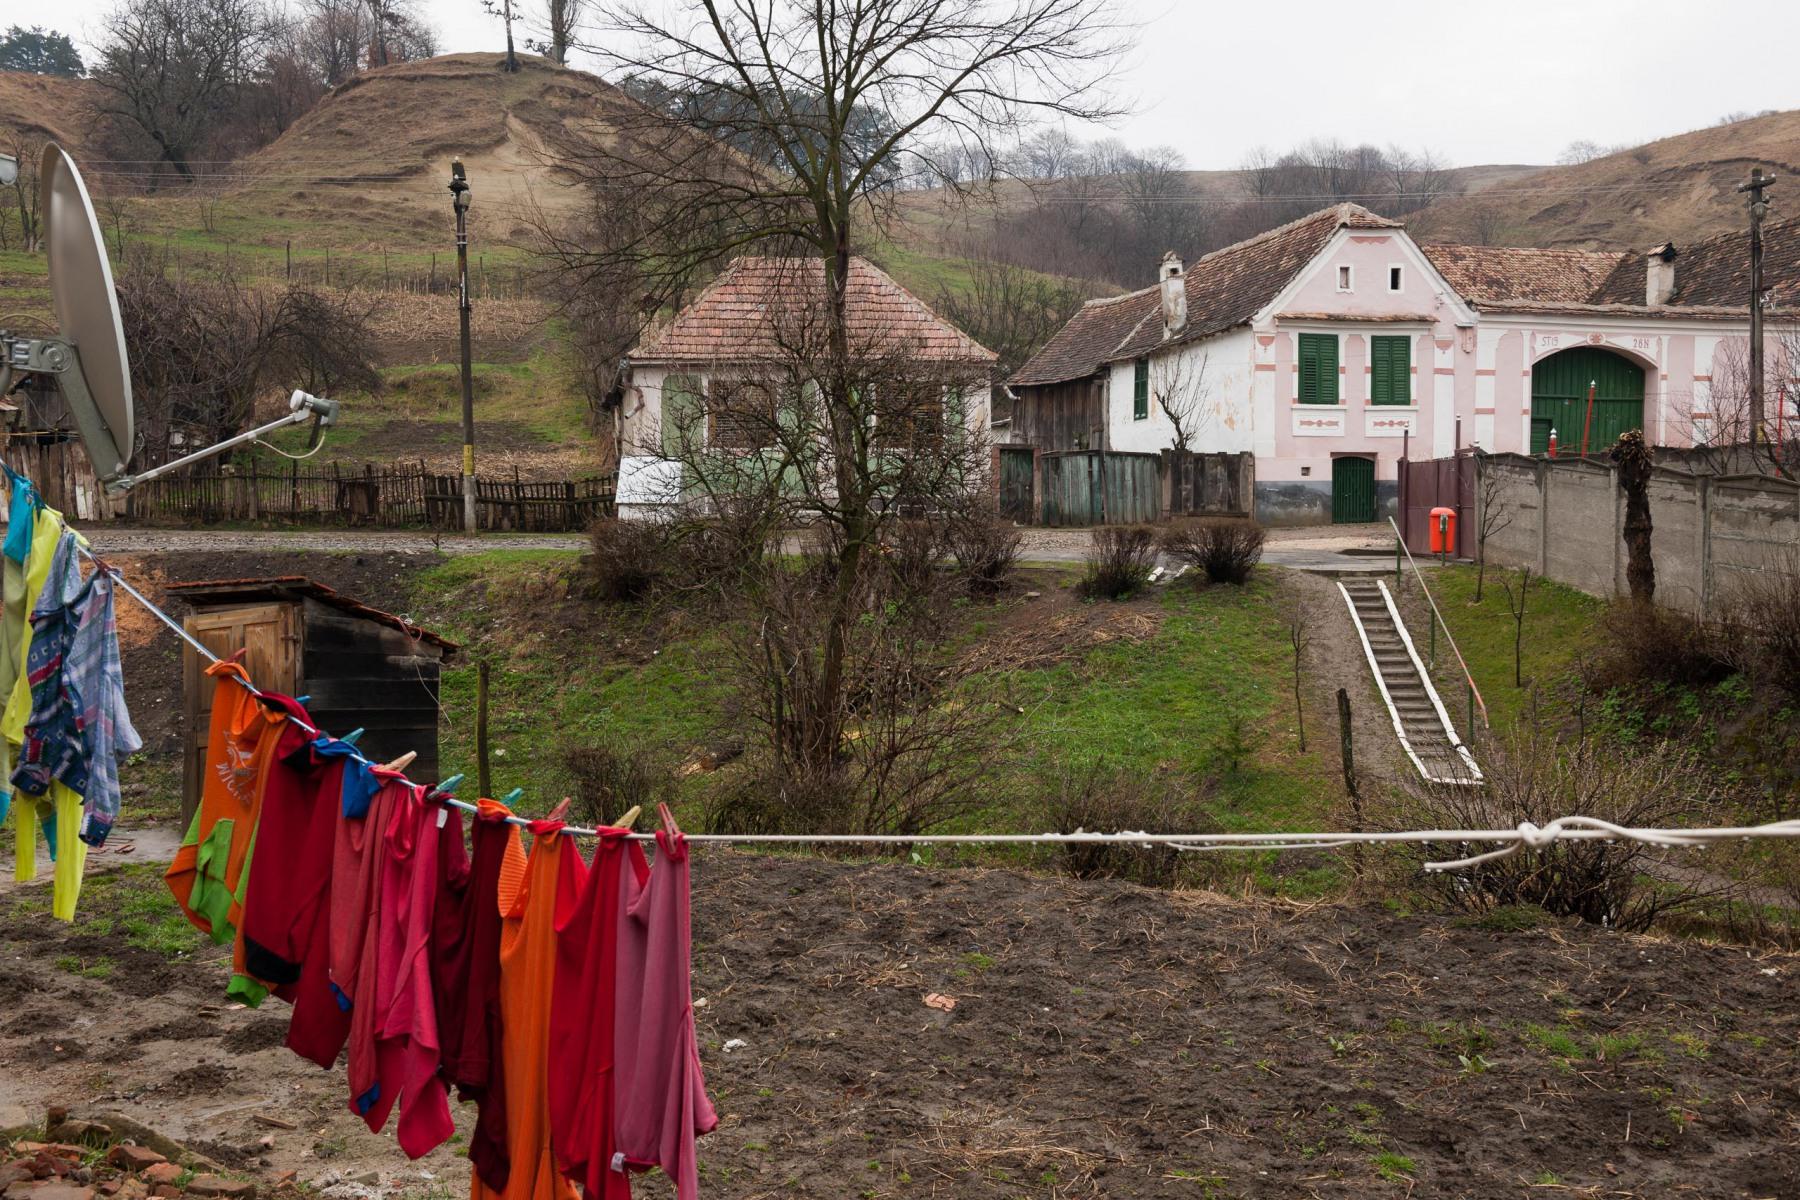 Ort unbekannt, März 2009